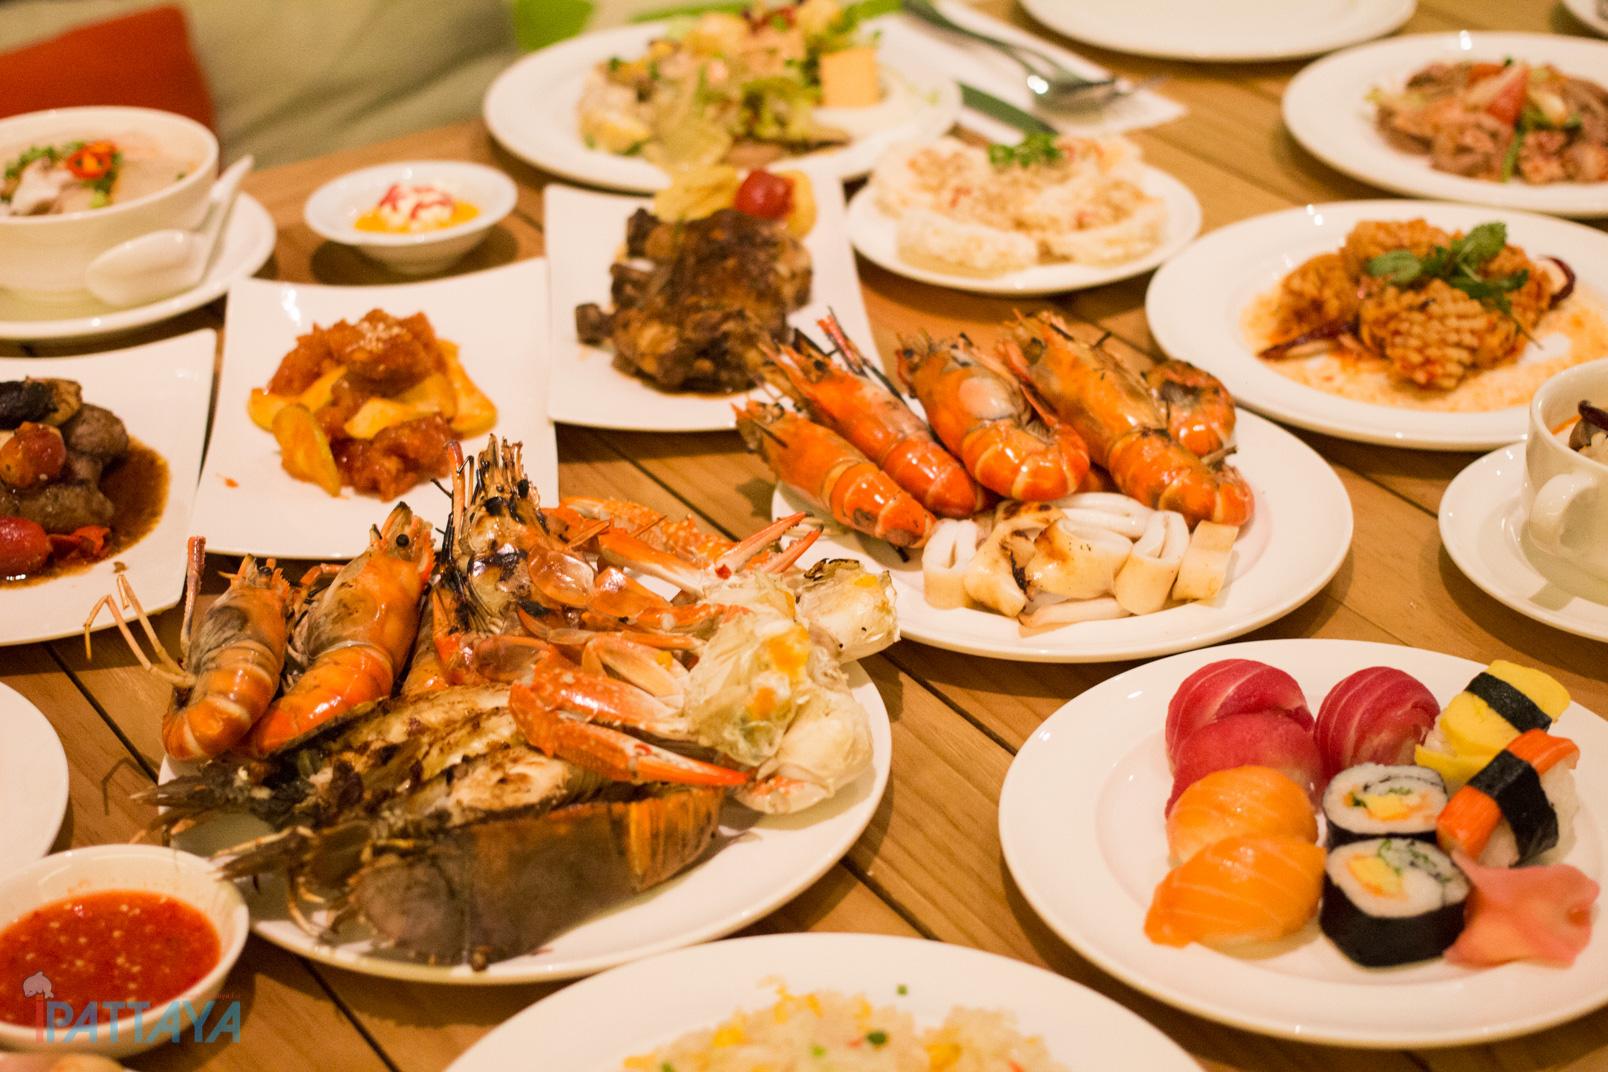 บฟเฟ่ต์ซีฟู้ดอาหารทะเลพัทยา Holiday inn21